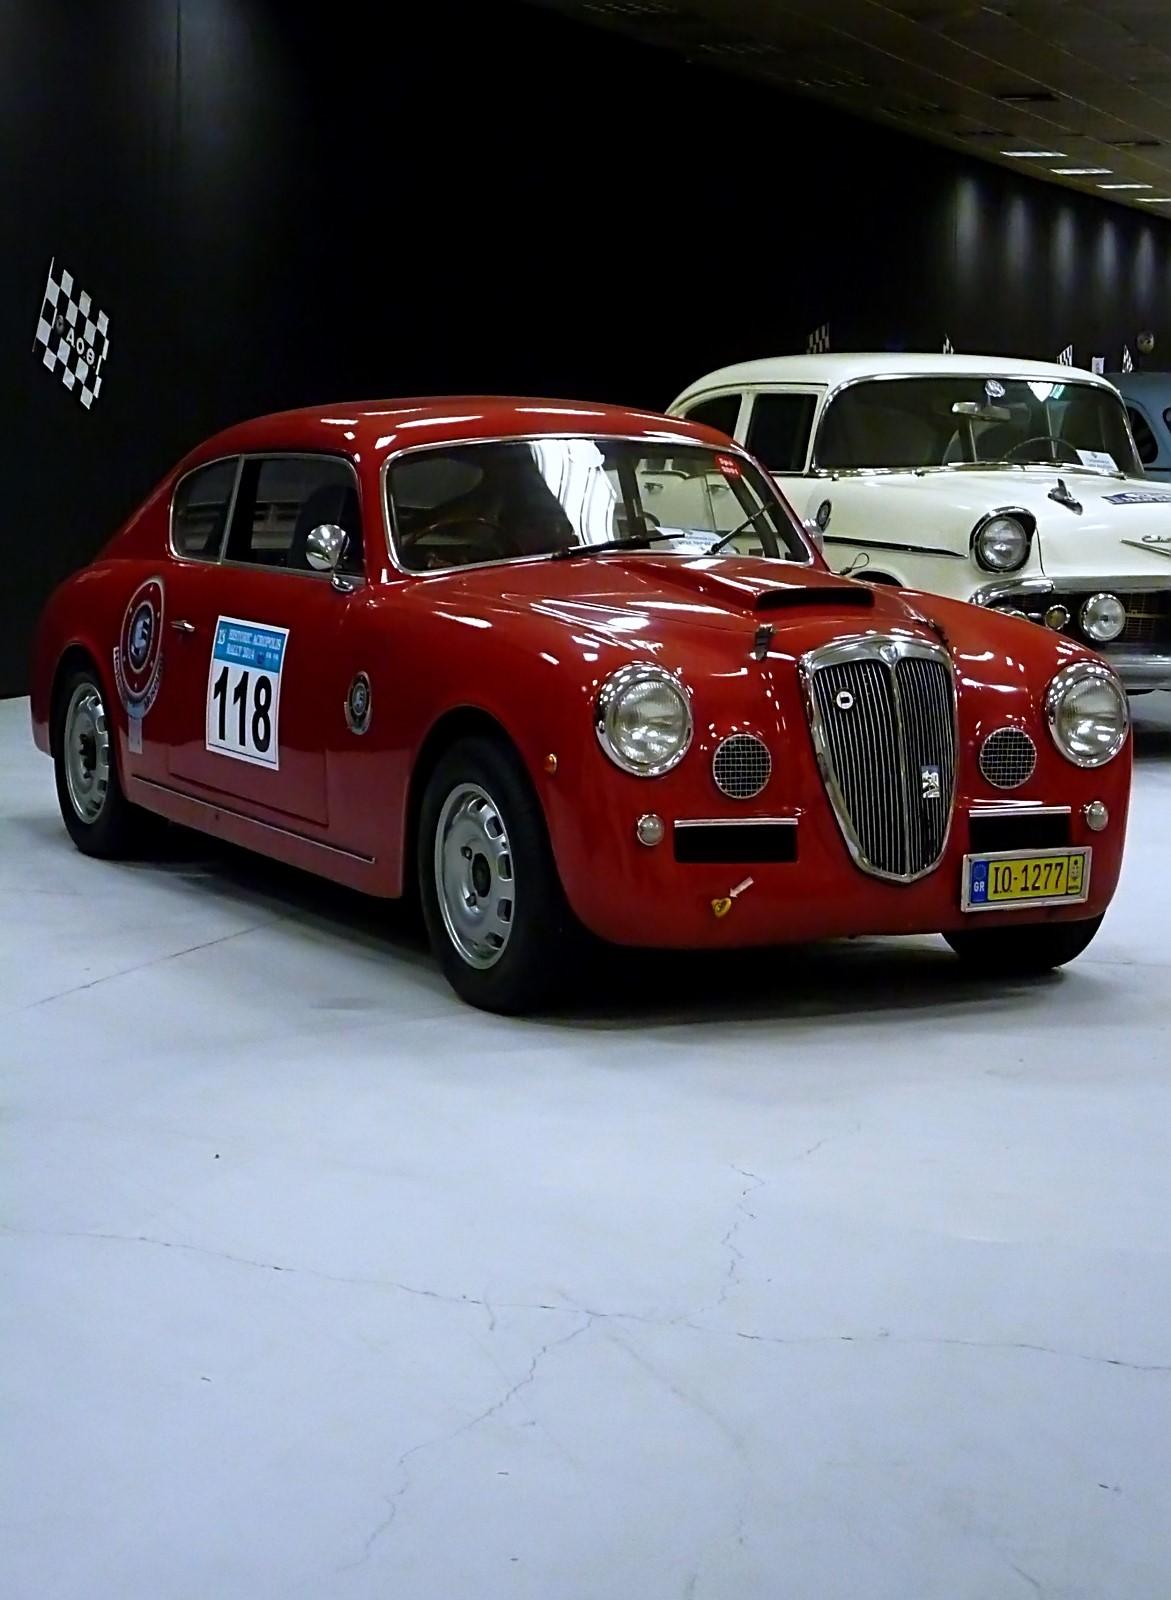 1953 Lancia Aurelia B24 ex L (53)